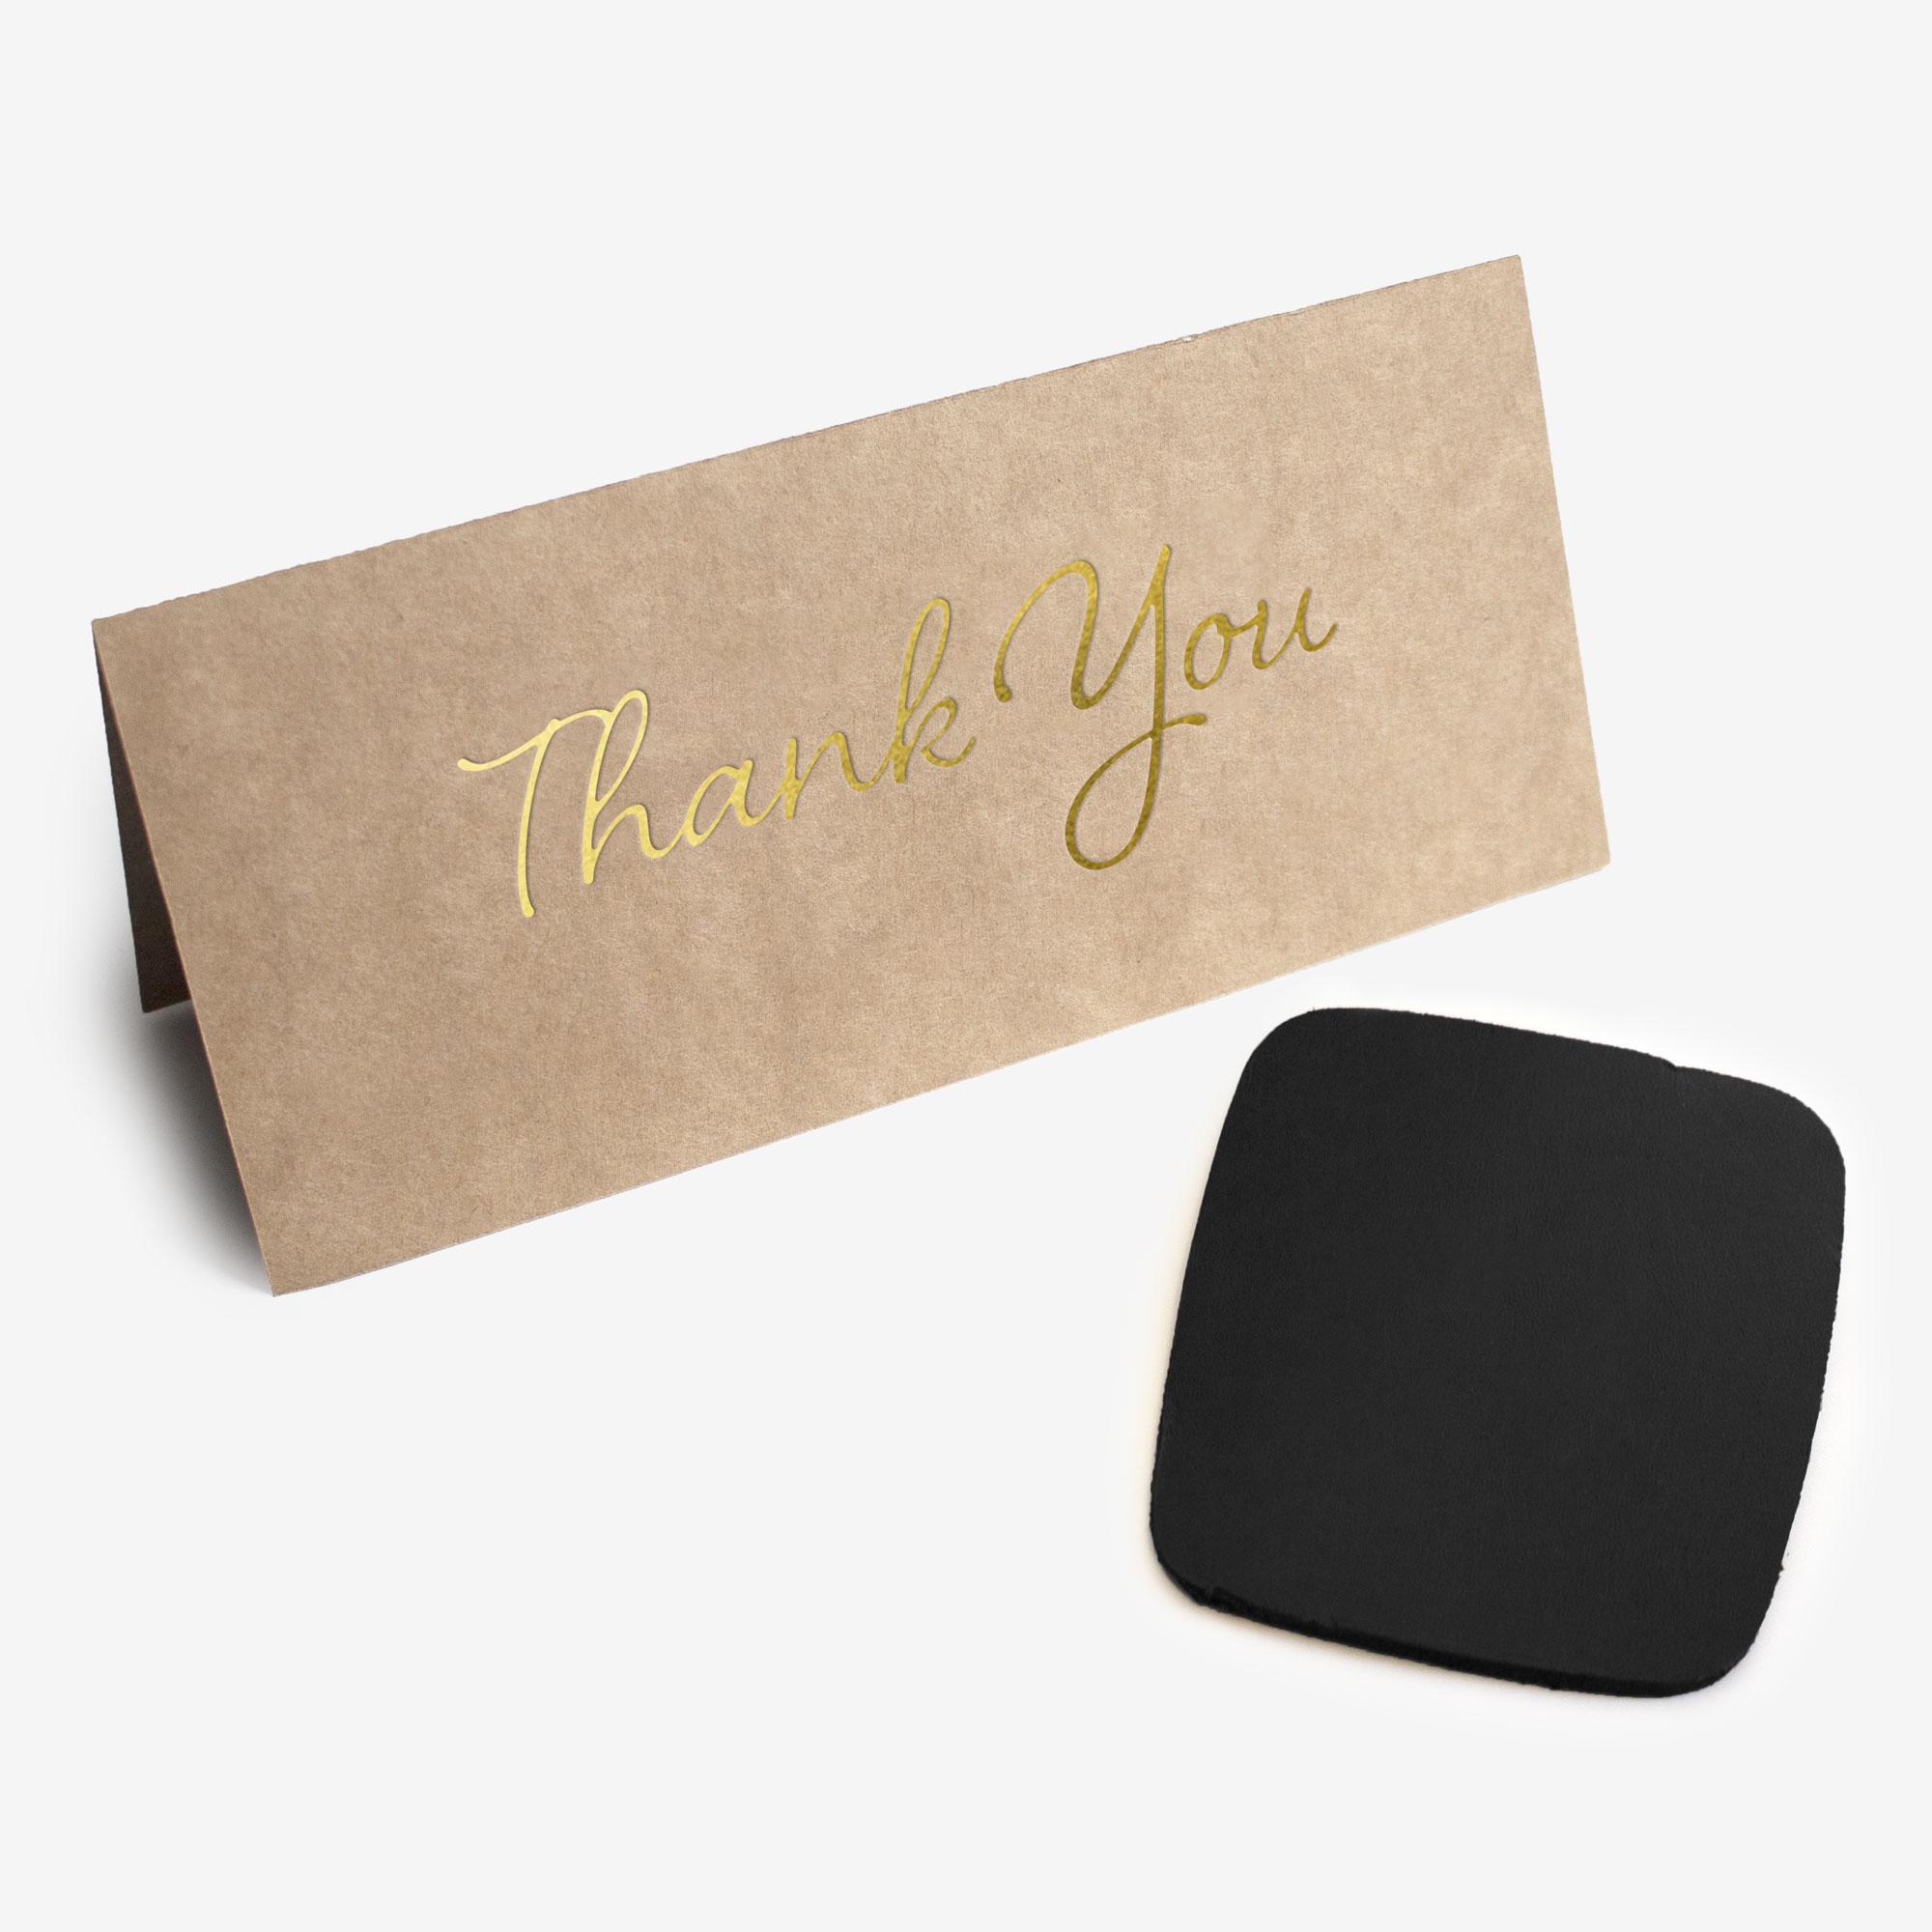 92026-Artisan-coaster-thanks-you-greeting-card-black-2